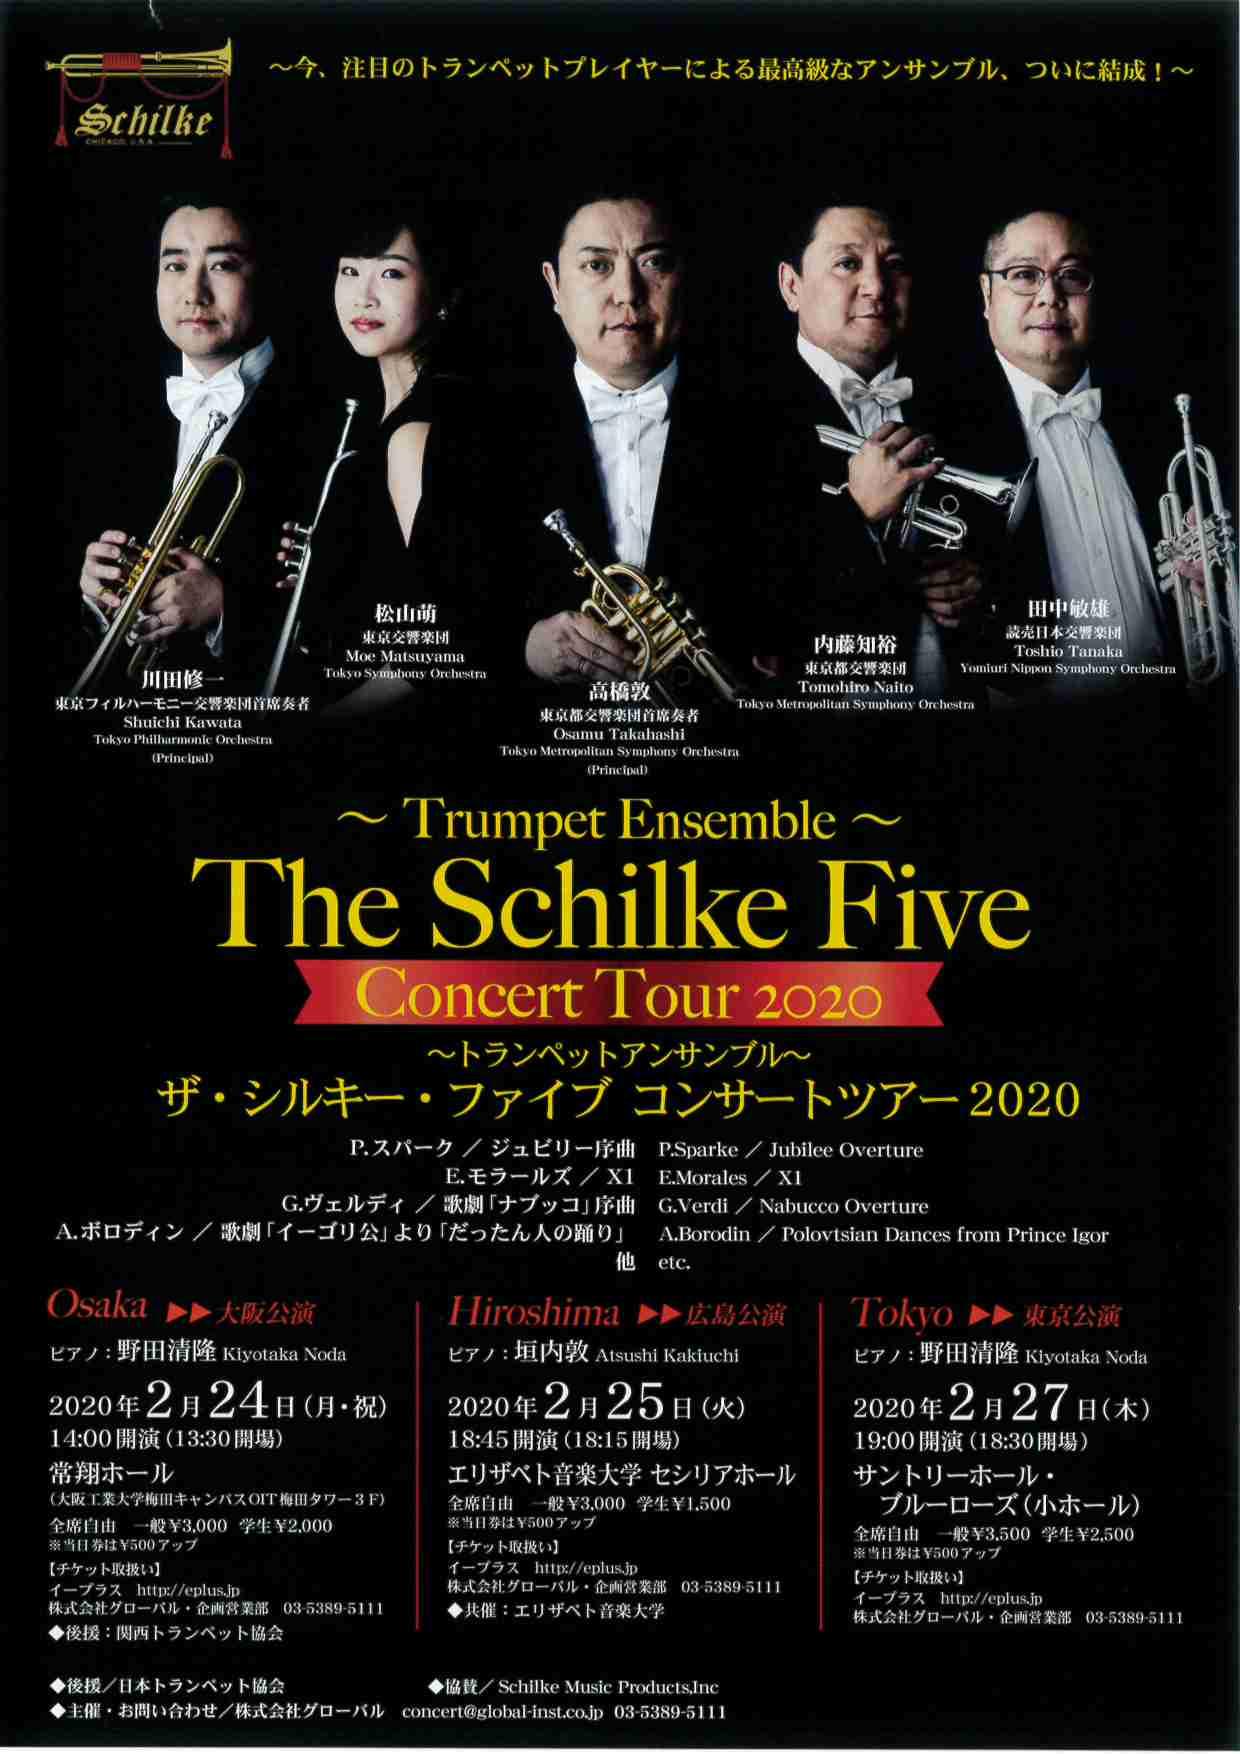 〜トランペットアンサンブル〜 ザ・シルキー・ファイブコンサートツアー2020 【大阪公演】